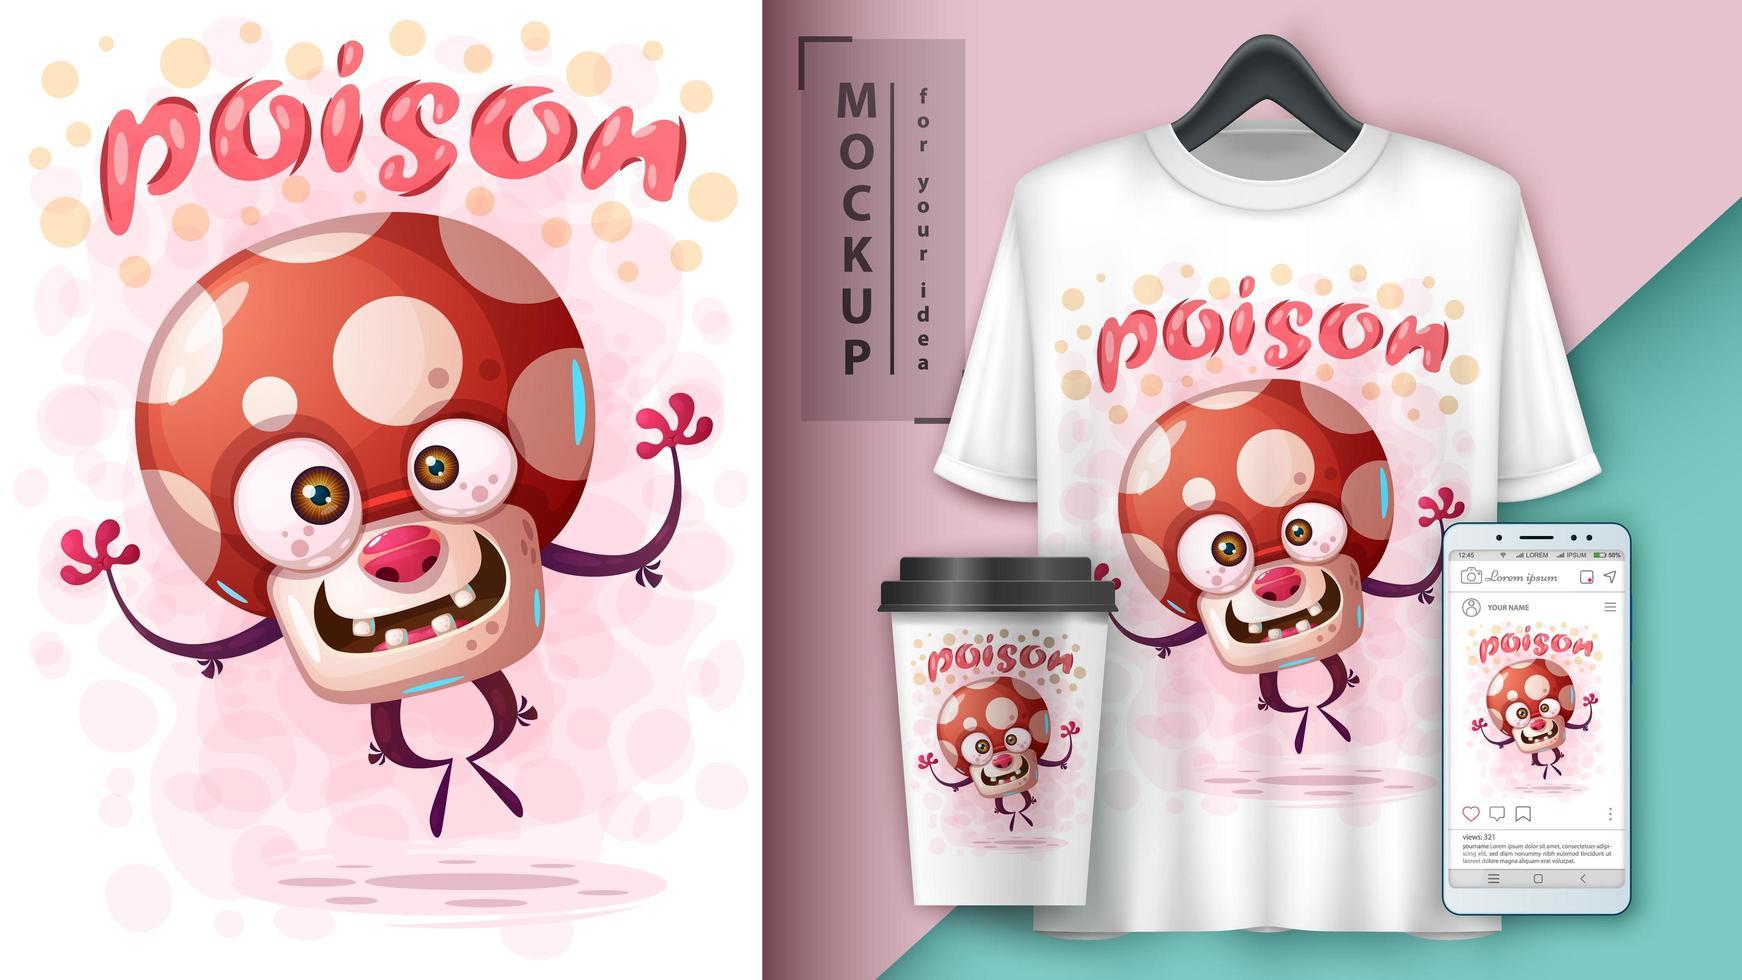 affiche de champignon poison sautant de dessin animé vecteur